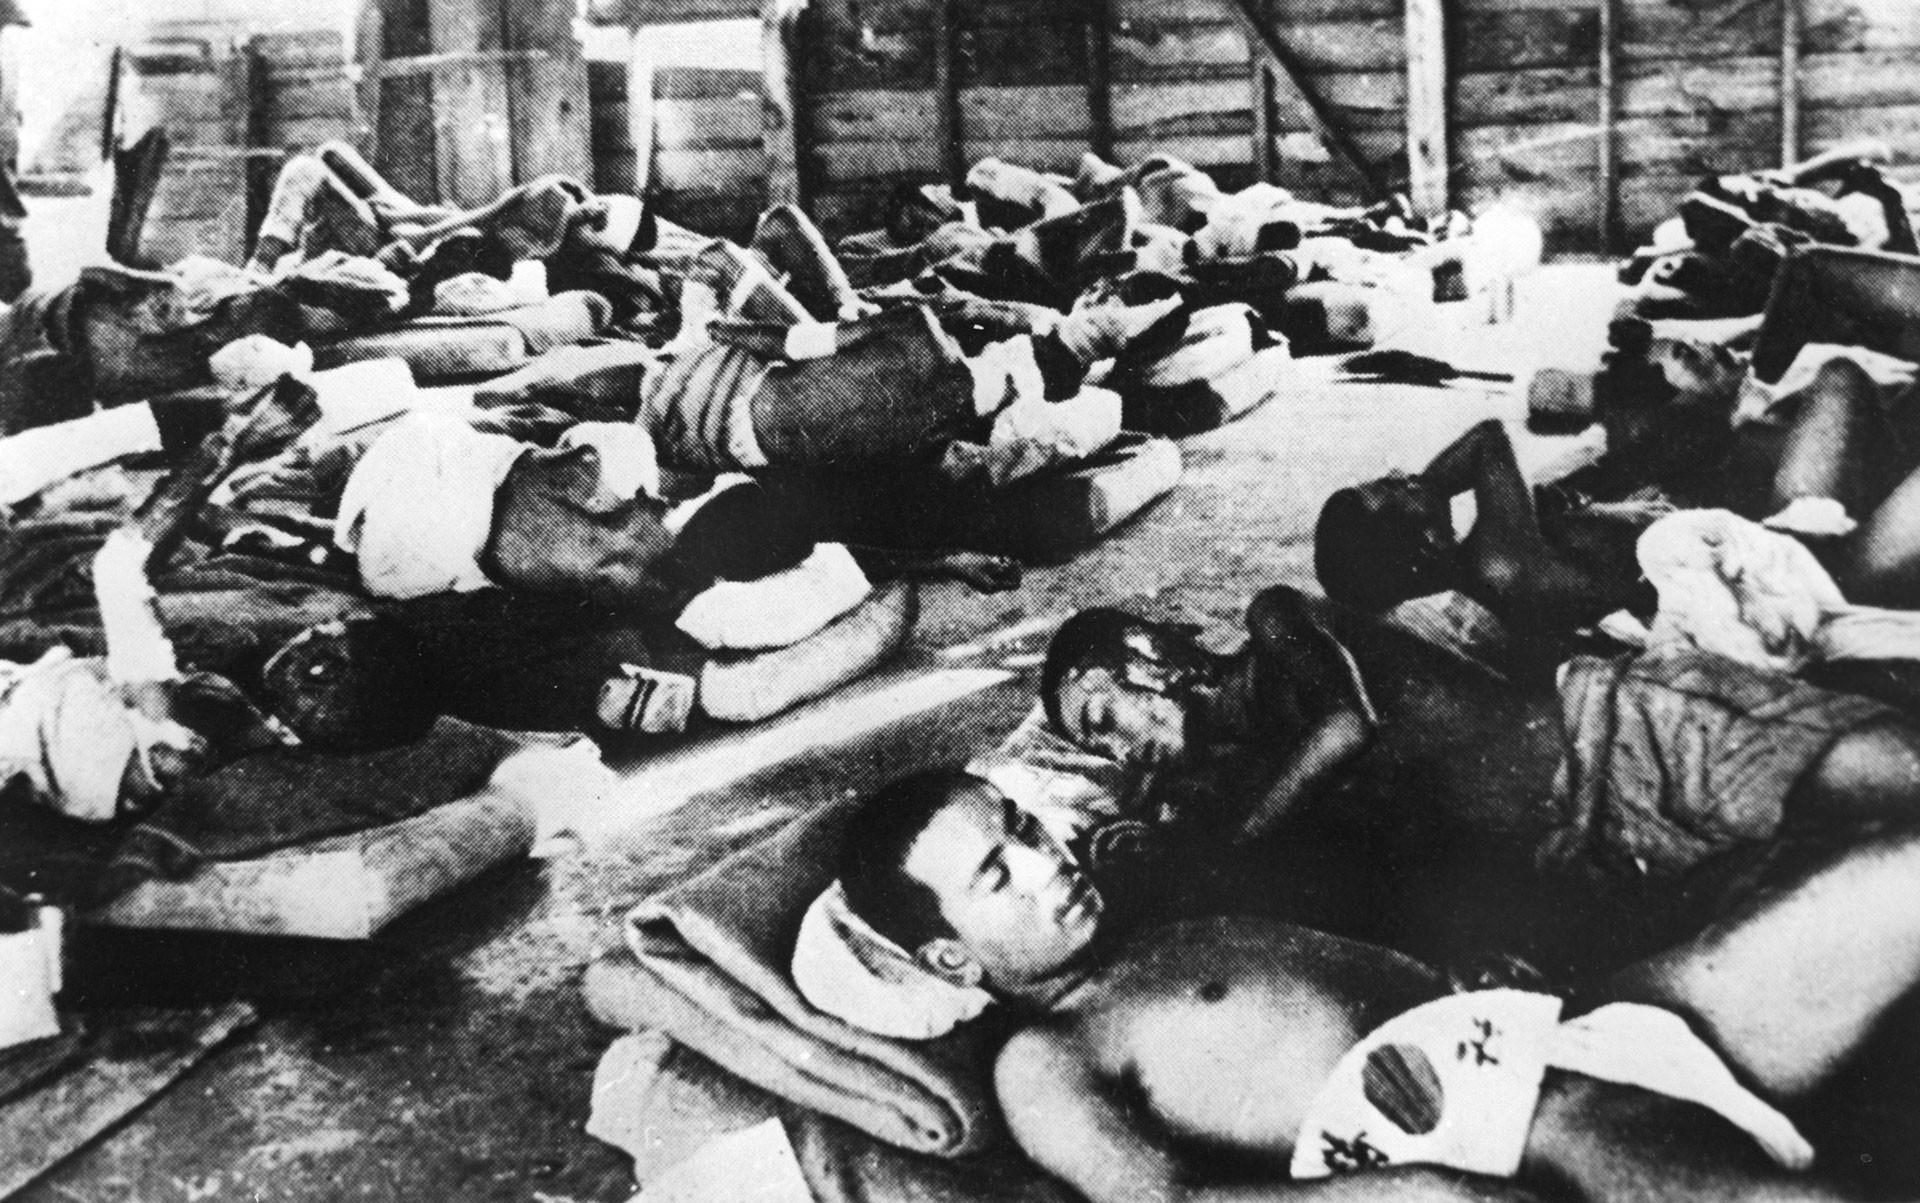 Жители города Хиросимы, пострадавшие от ядерной бомбардировки. Фотография сделана в августе 1945 года. Фото: © РИА Новости/Овчинников